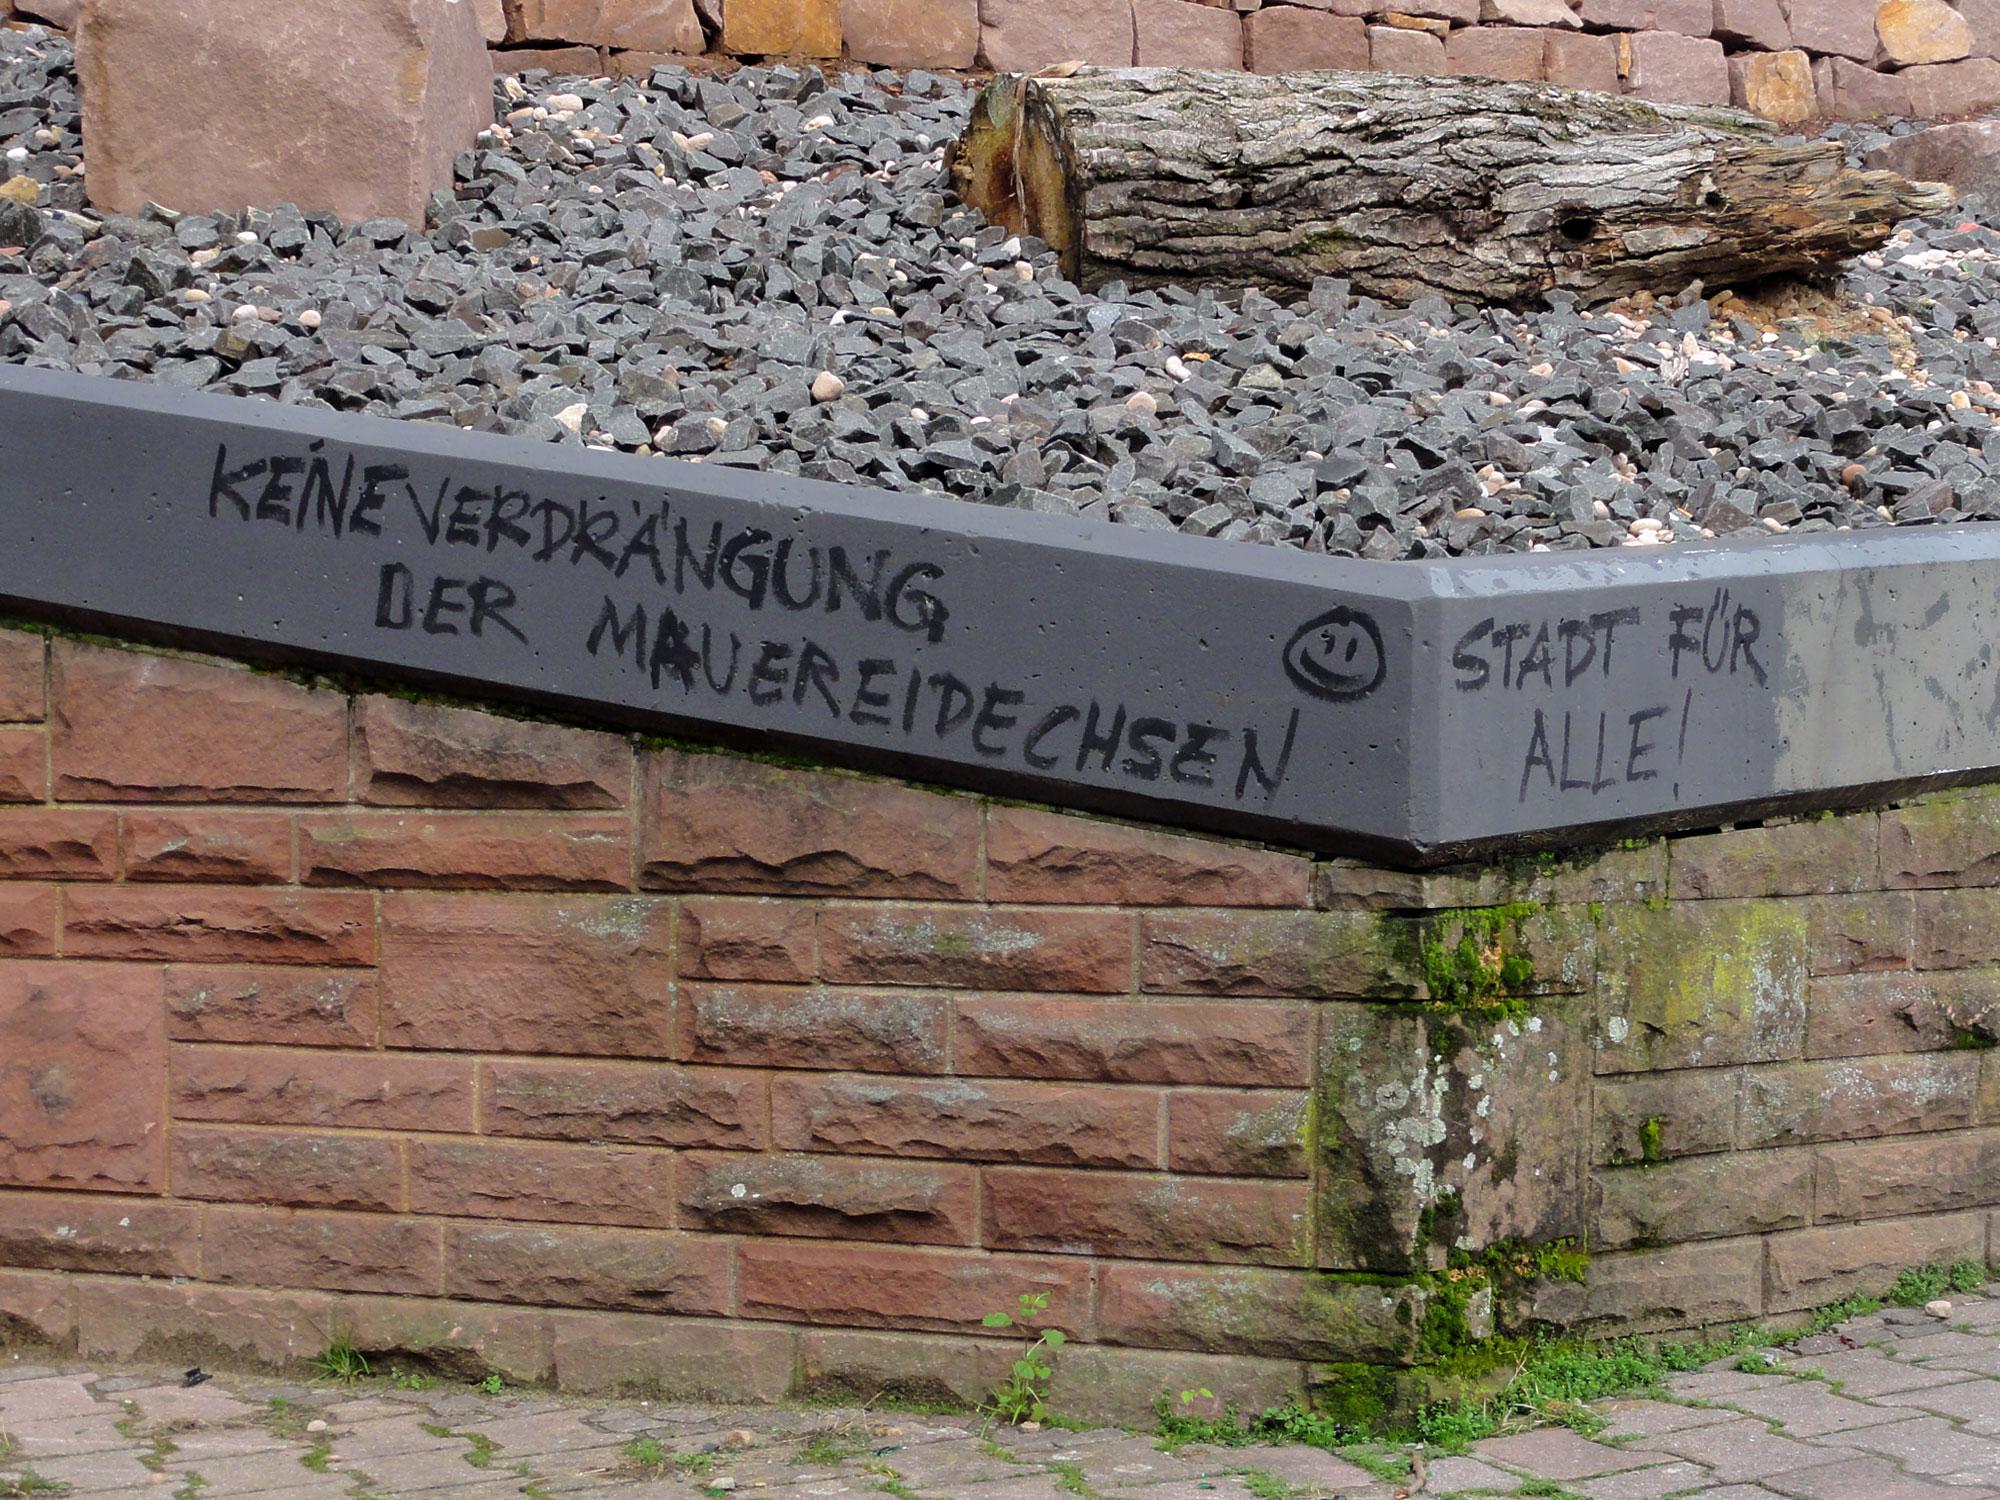 Stadt fuer alle - Keine Verdraengung der Mauereidechsen